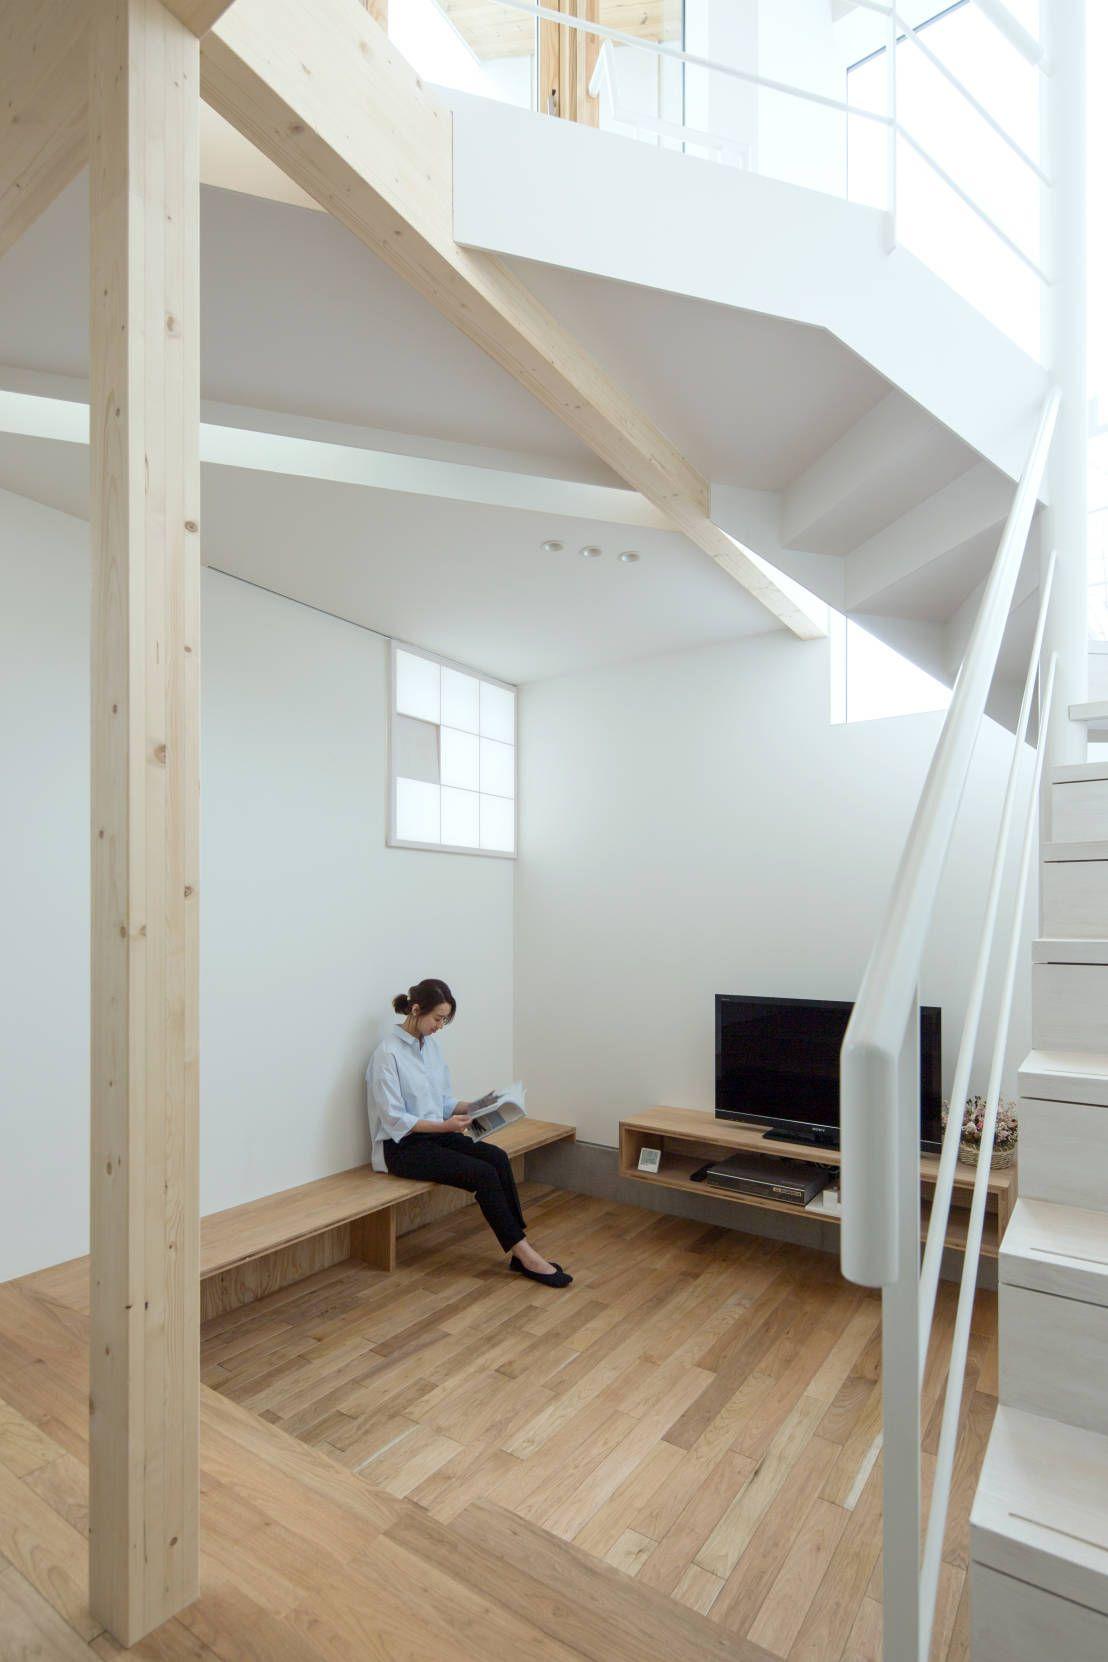 新たな住まいを考えるとき住空間の中で滞在時間の短い場所、例えば洗面室や階段室、浴室にお手洗いなど、案外さっぱりと簡単なプ…